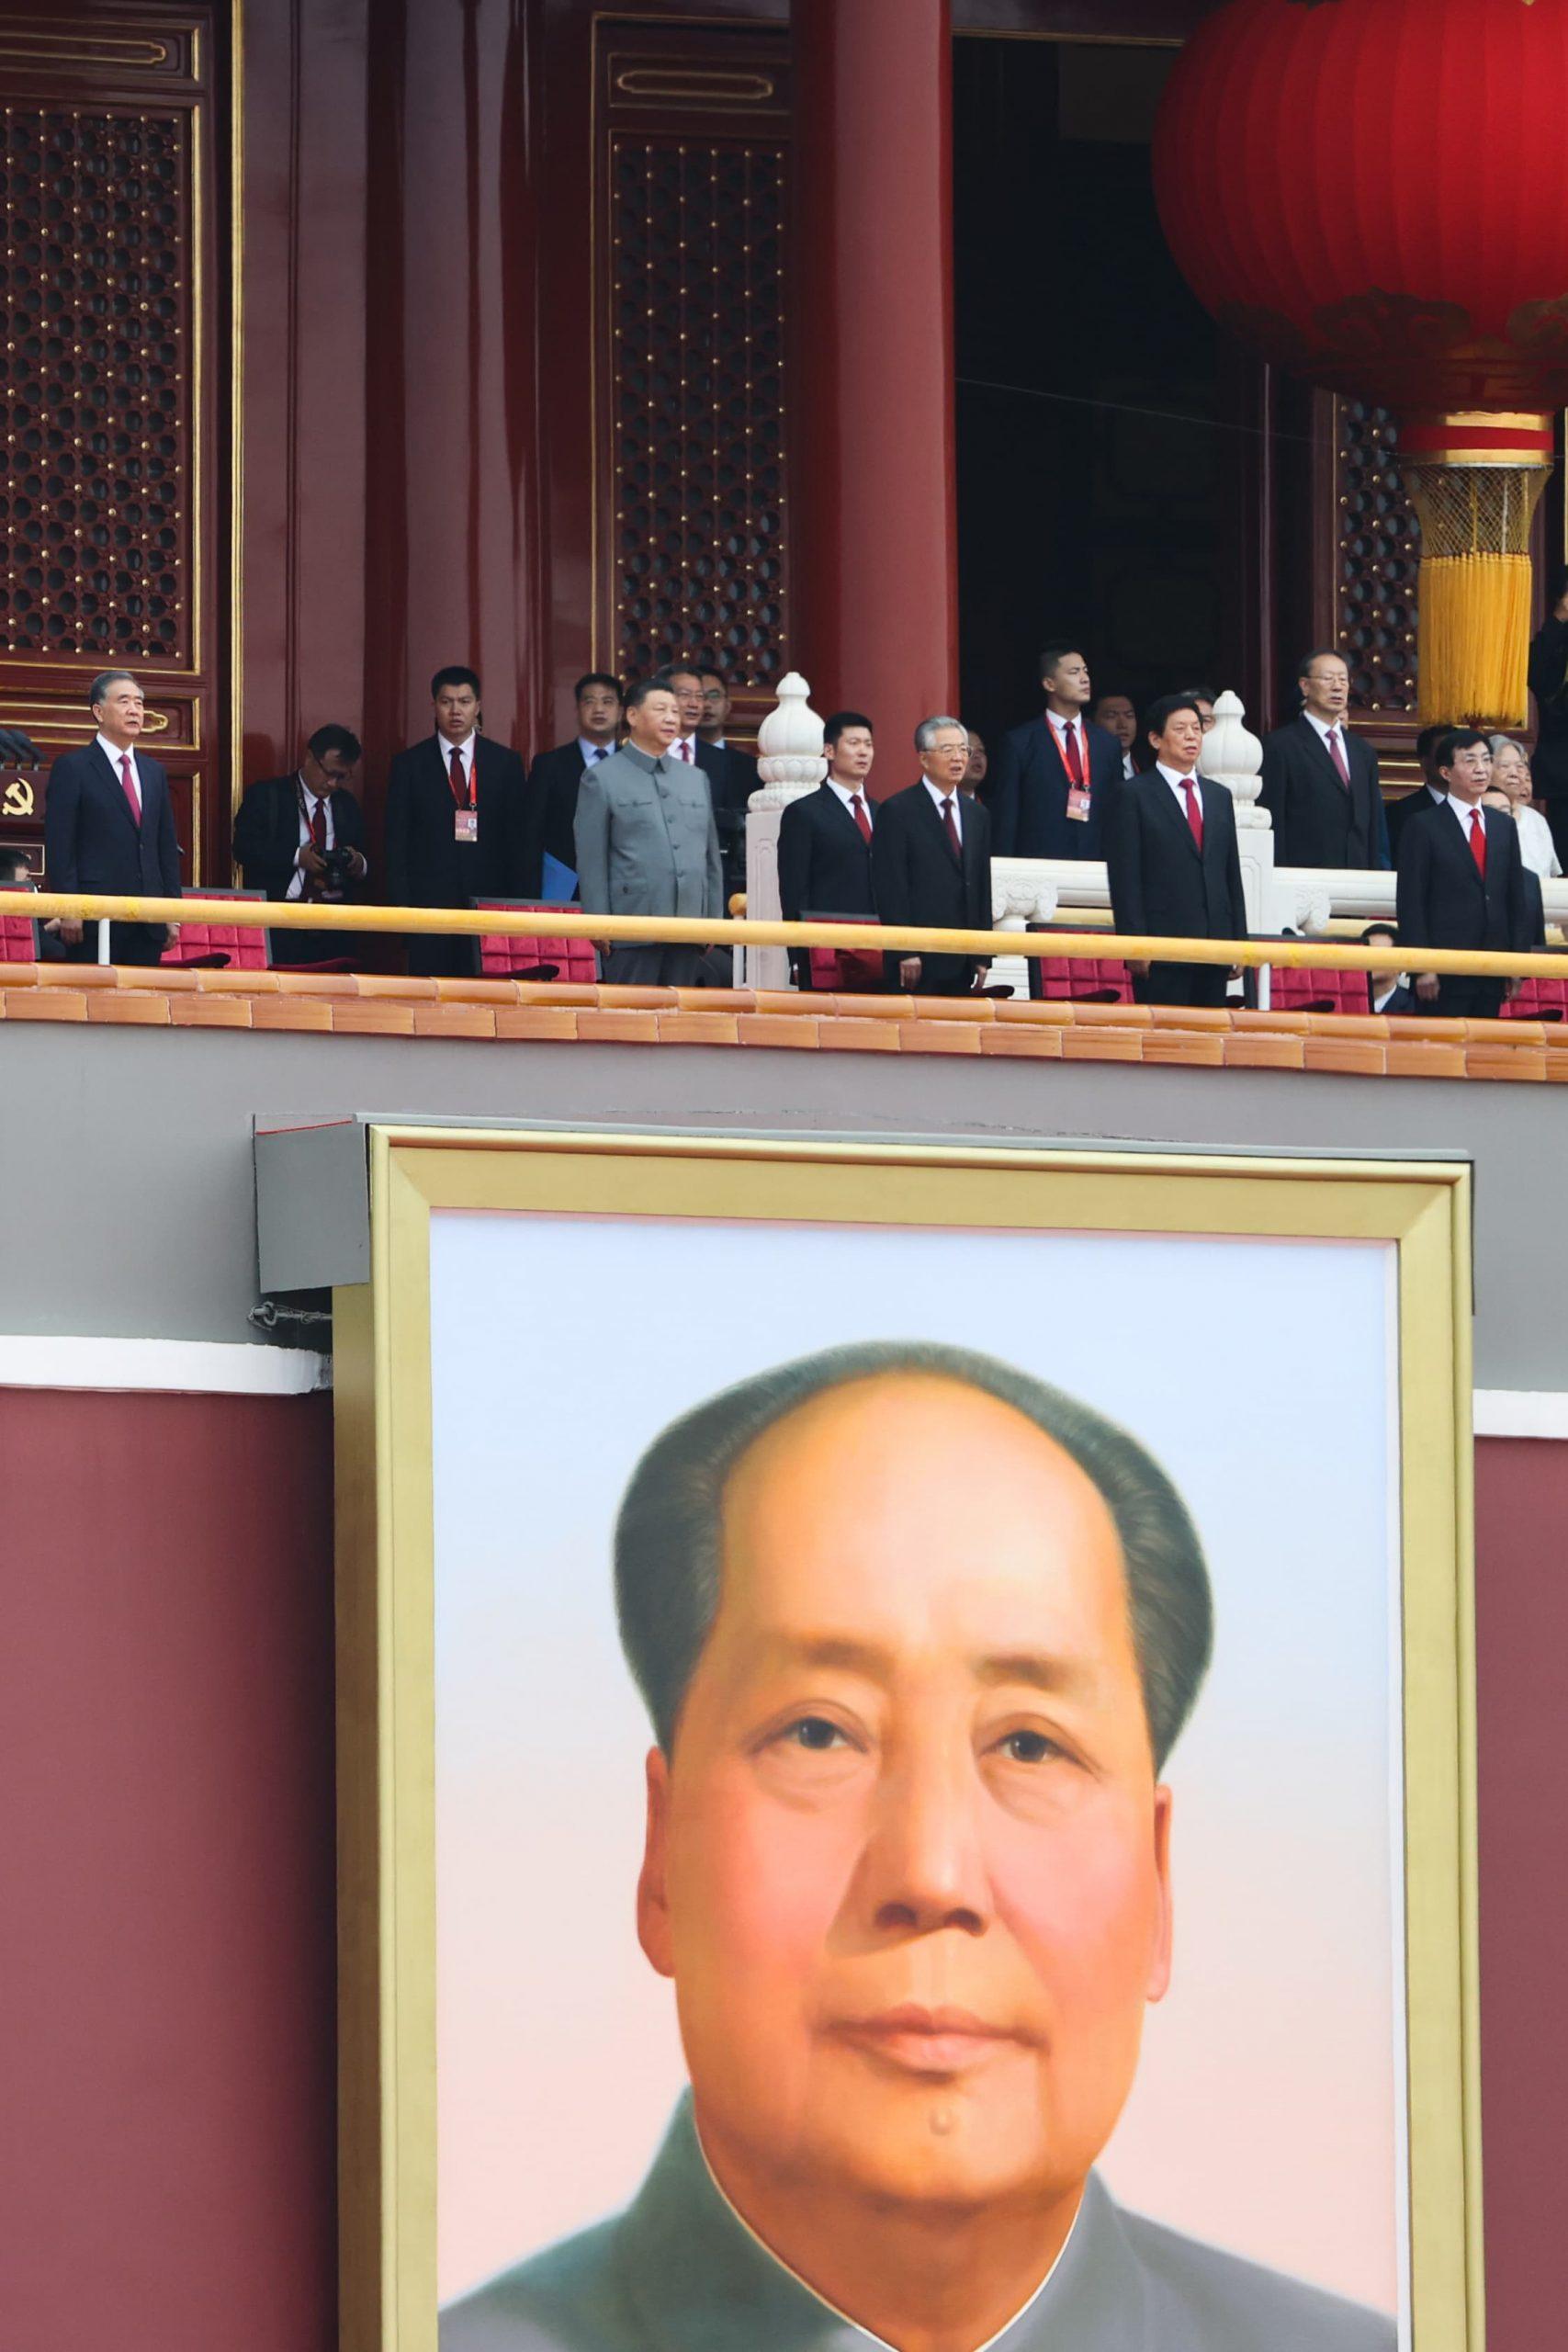 Con la mirada puesta en los próximos 100 años, Xi aprovecha la oportunidad de llevar a China a un mayor poder